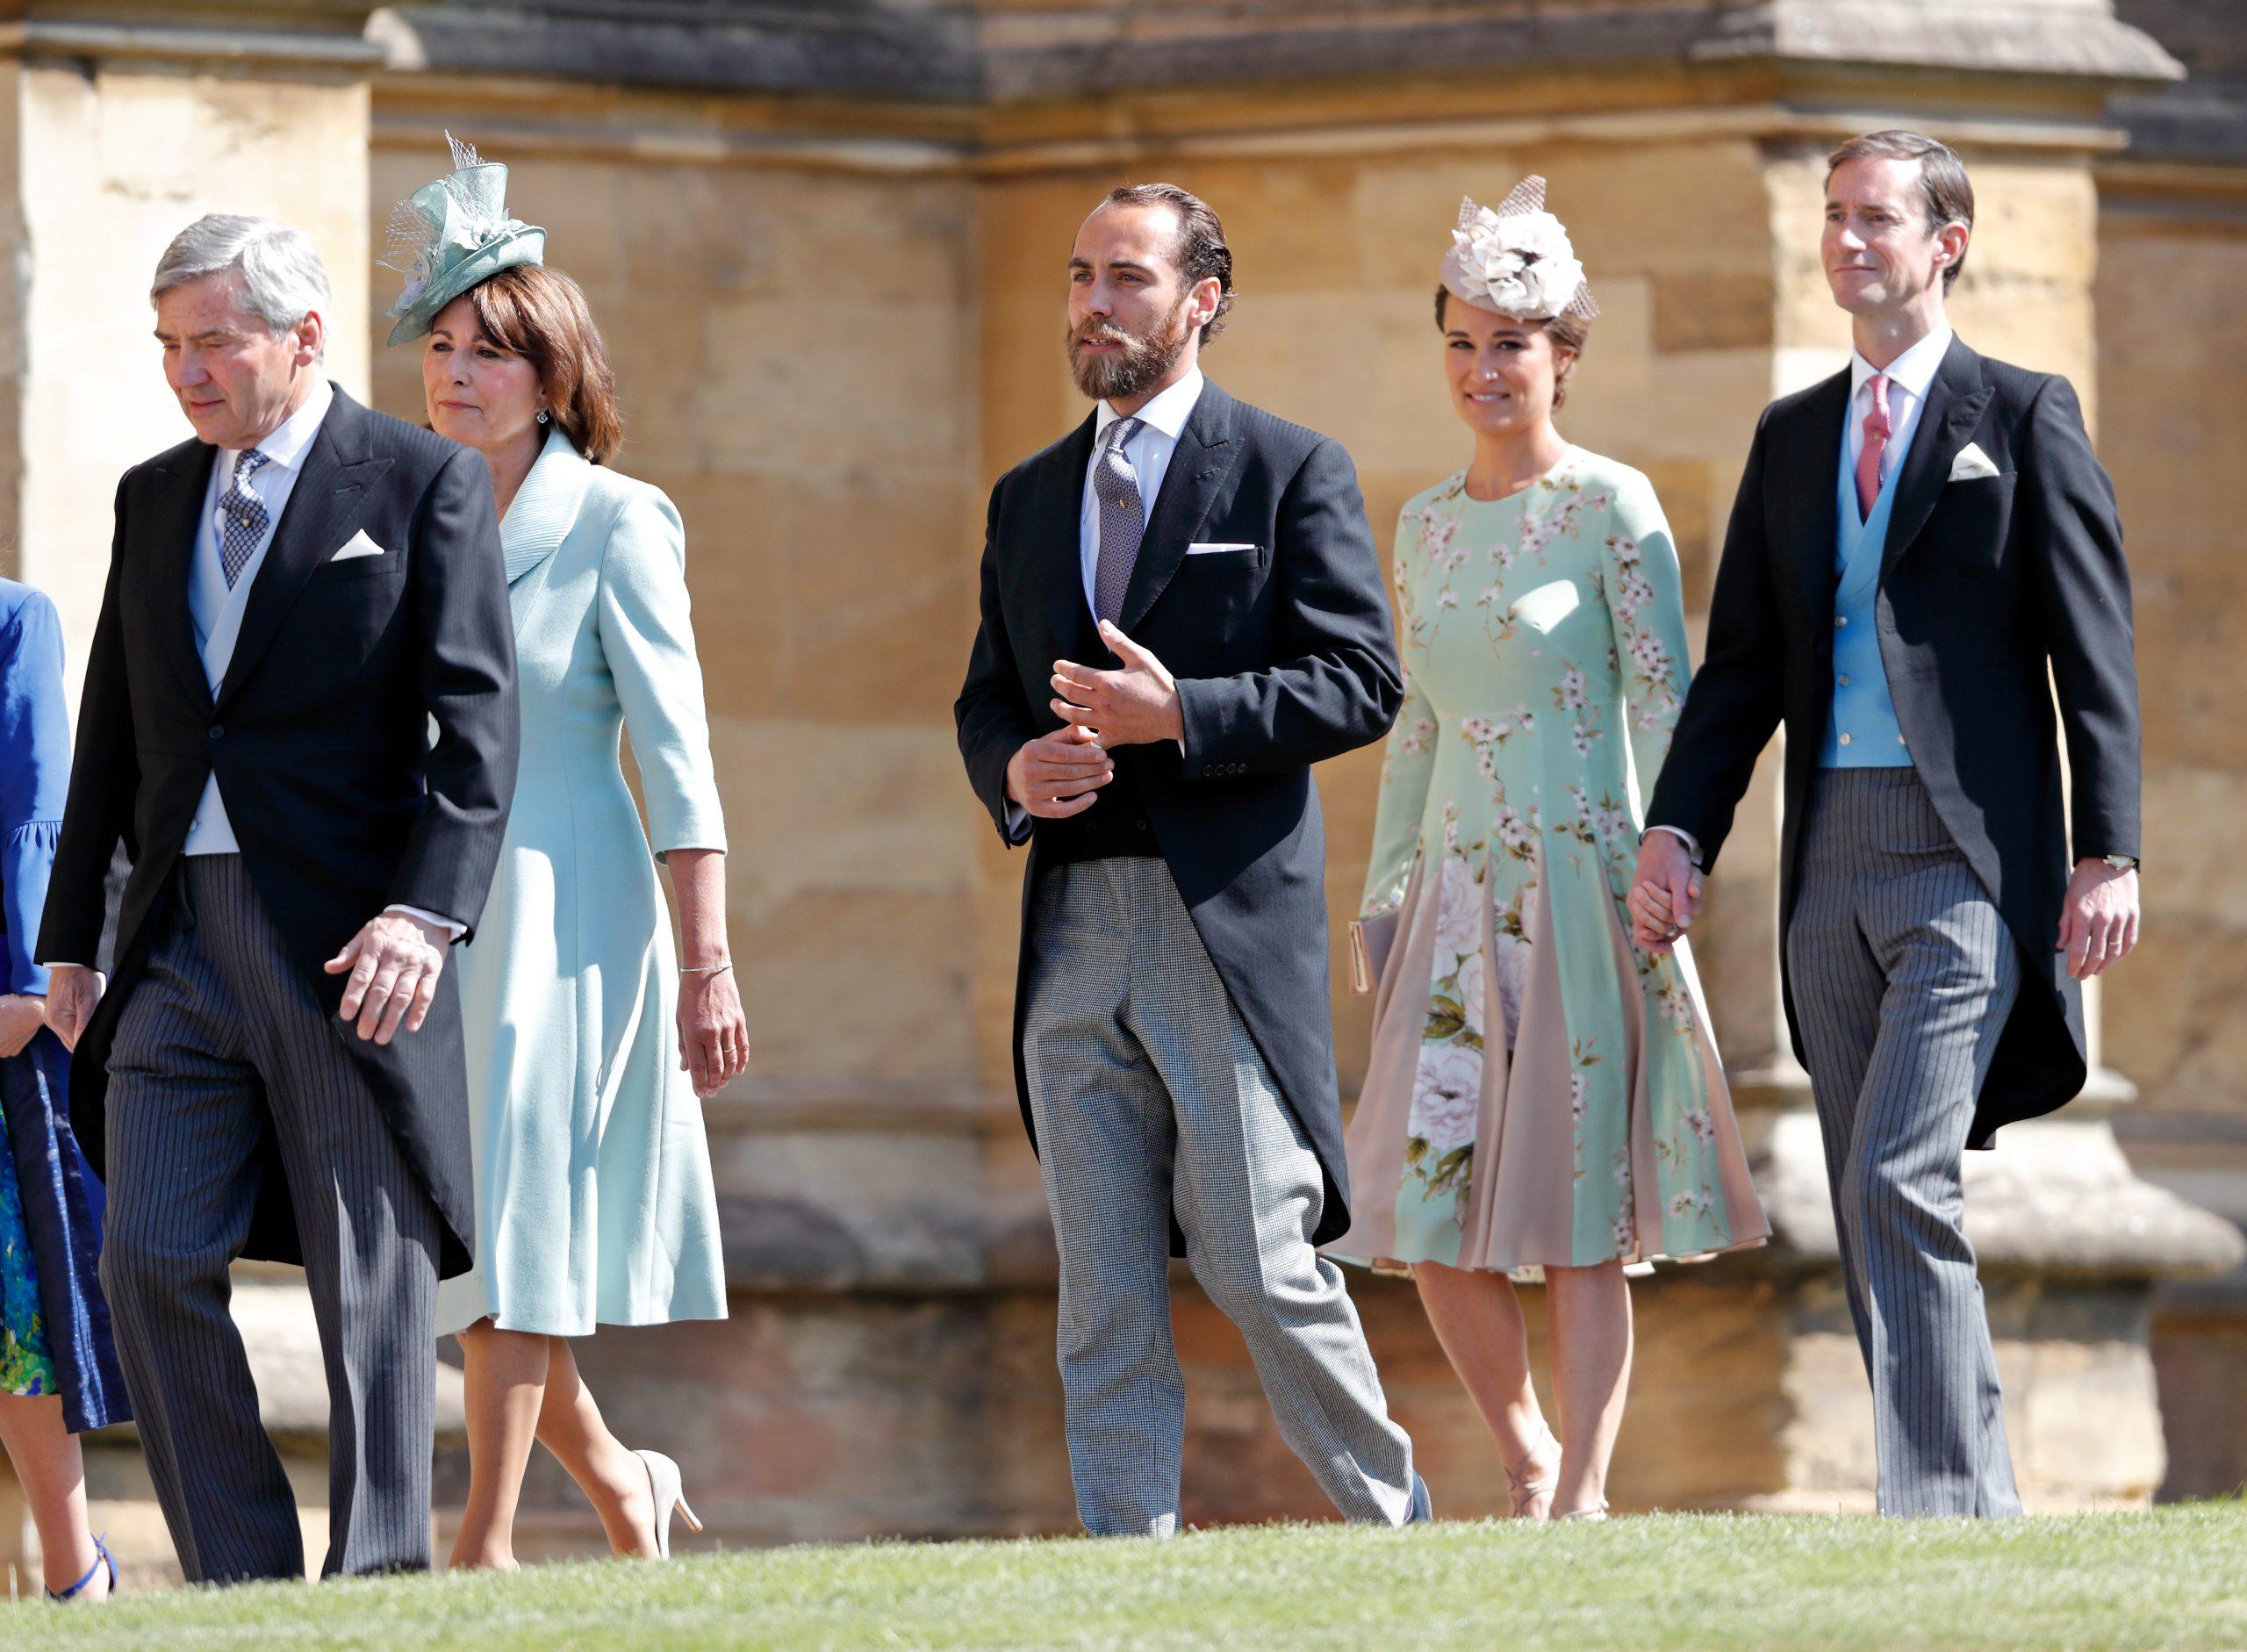 Carole et Michael Middleton avec leur fils James Middleton et sa sœur Pippa Middleton avec son mari James Matthews.